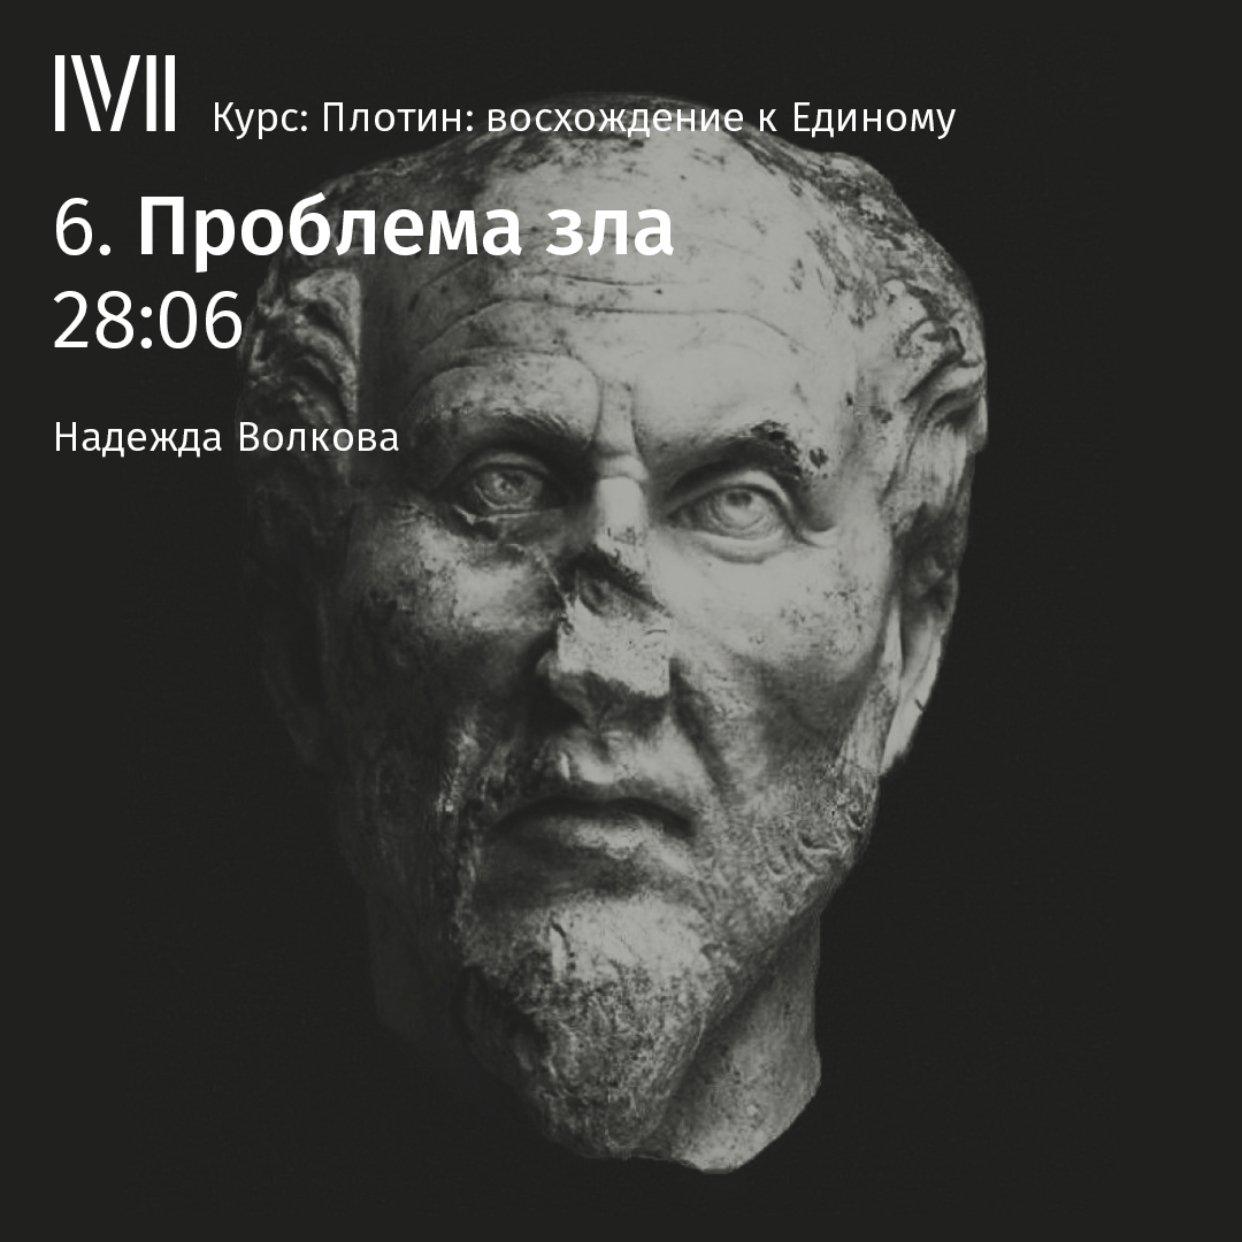 Проблема зла